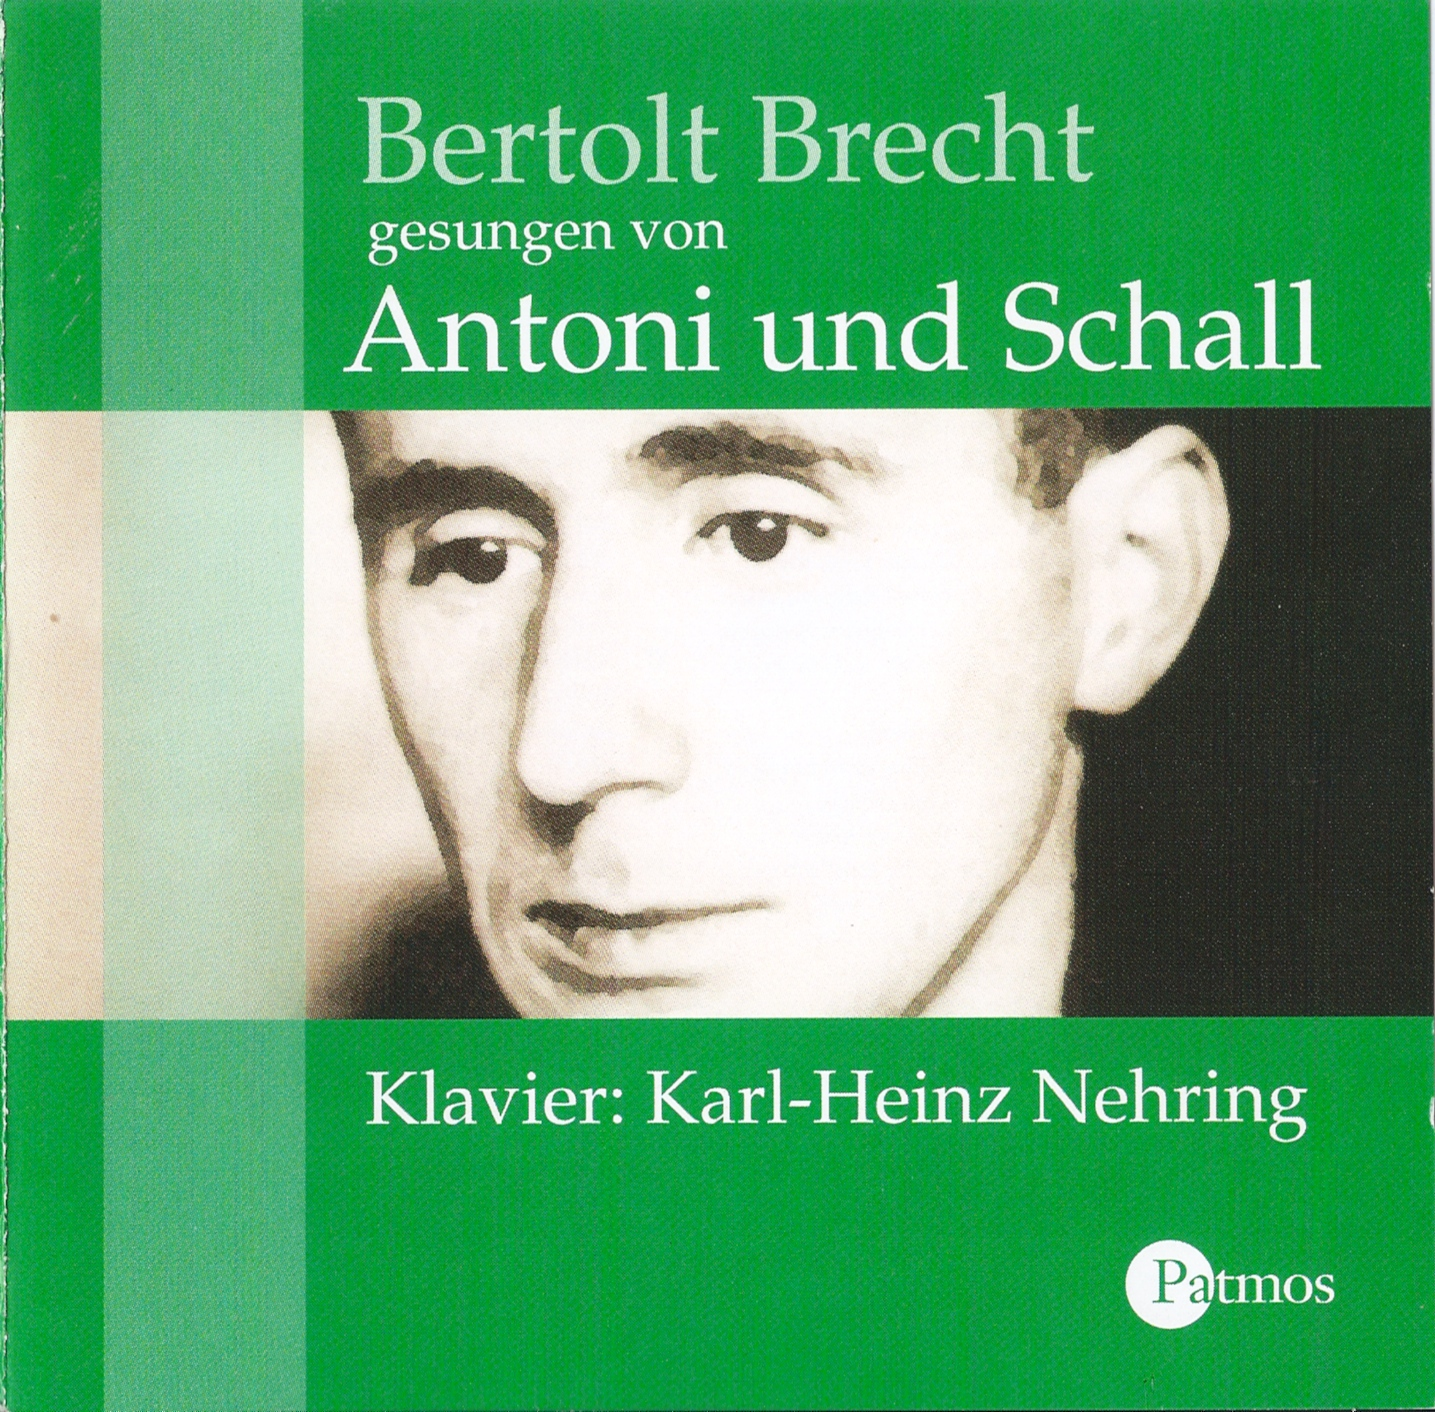 Kammermusikkammer Bertolt Brecht Gesungen Von Antoni Und